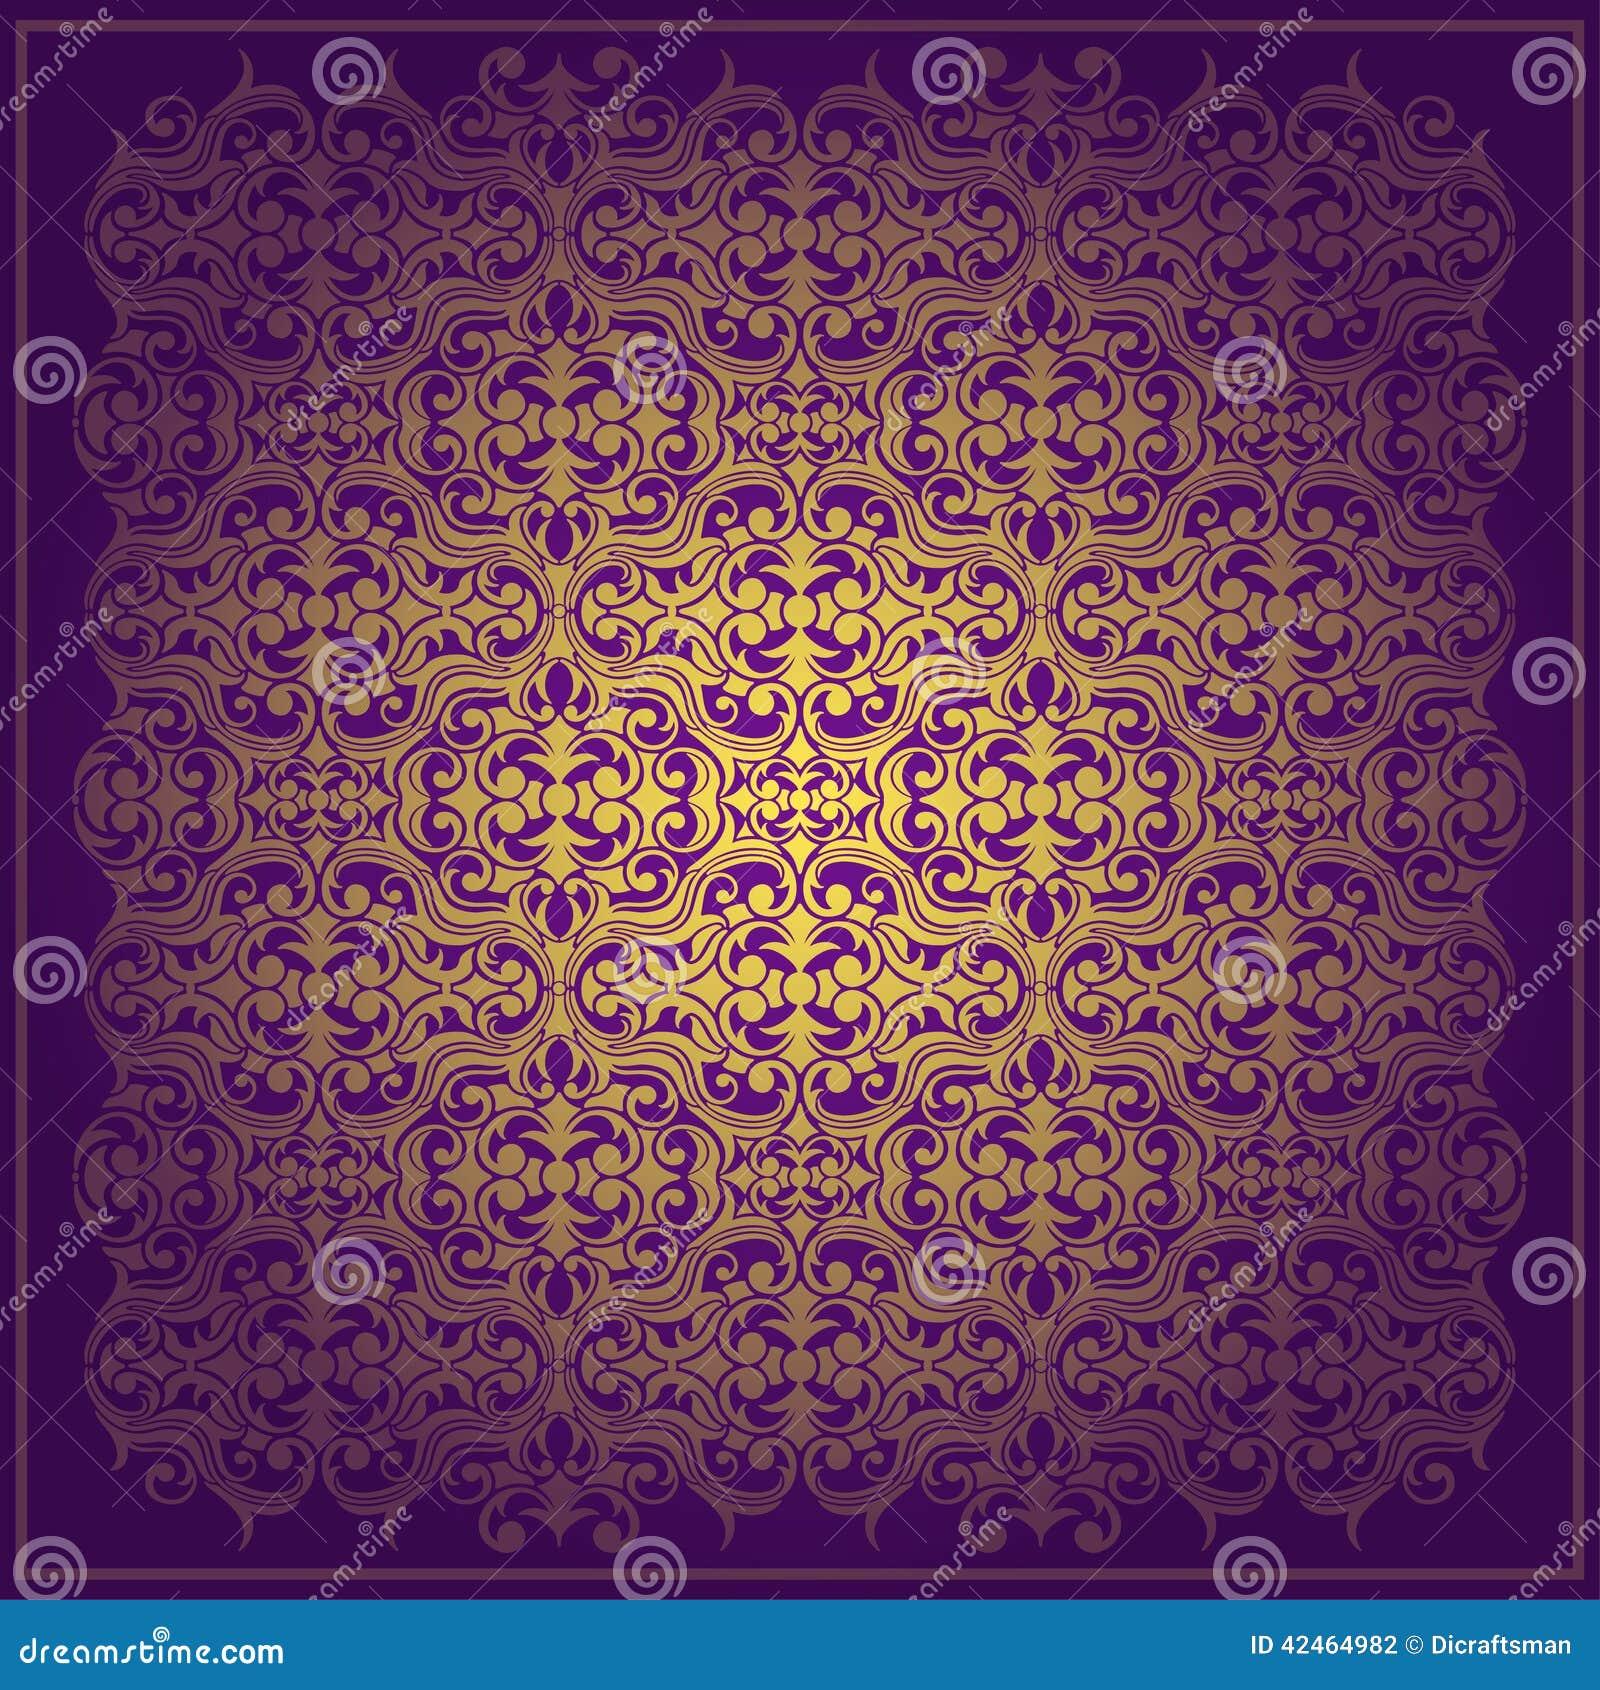 Abstrakter purpurroter Vektorbarockhintergrund